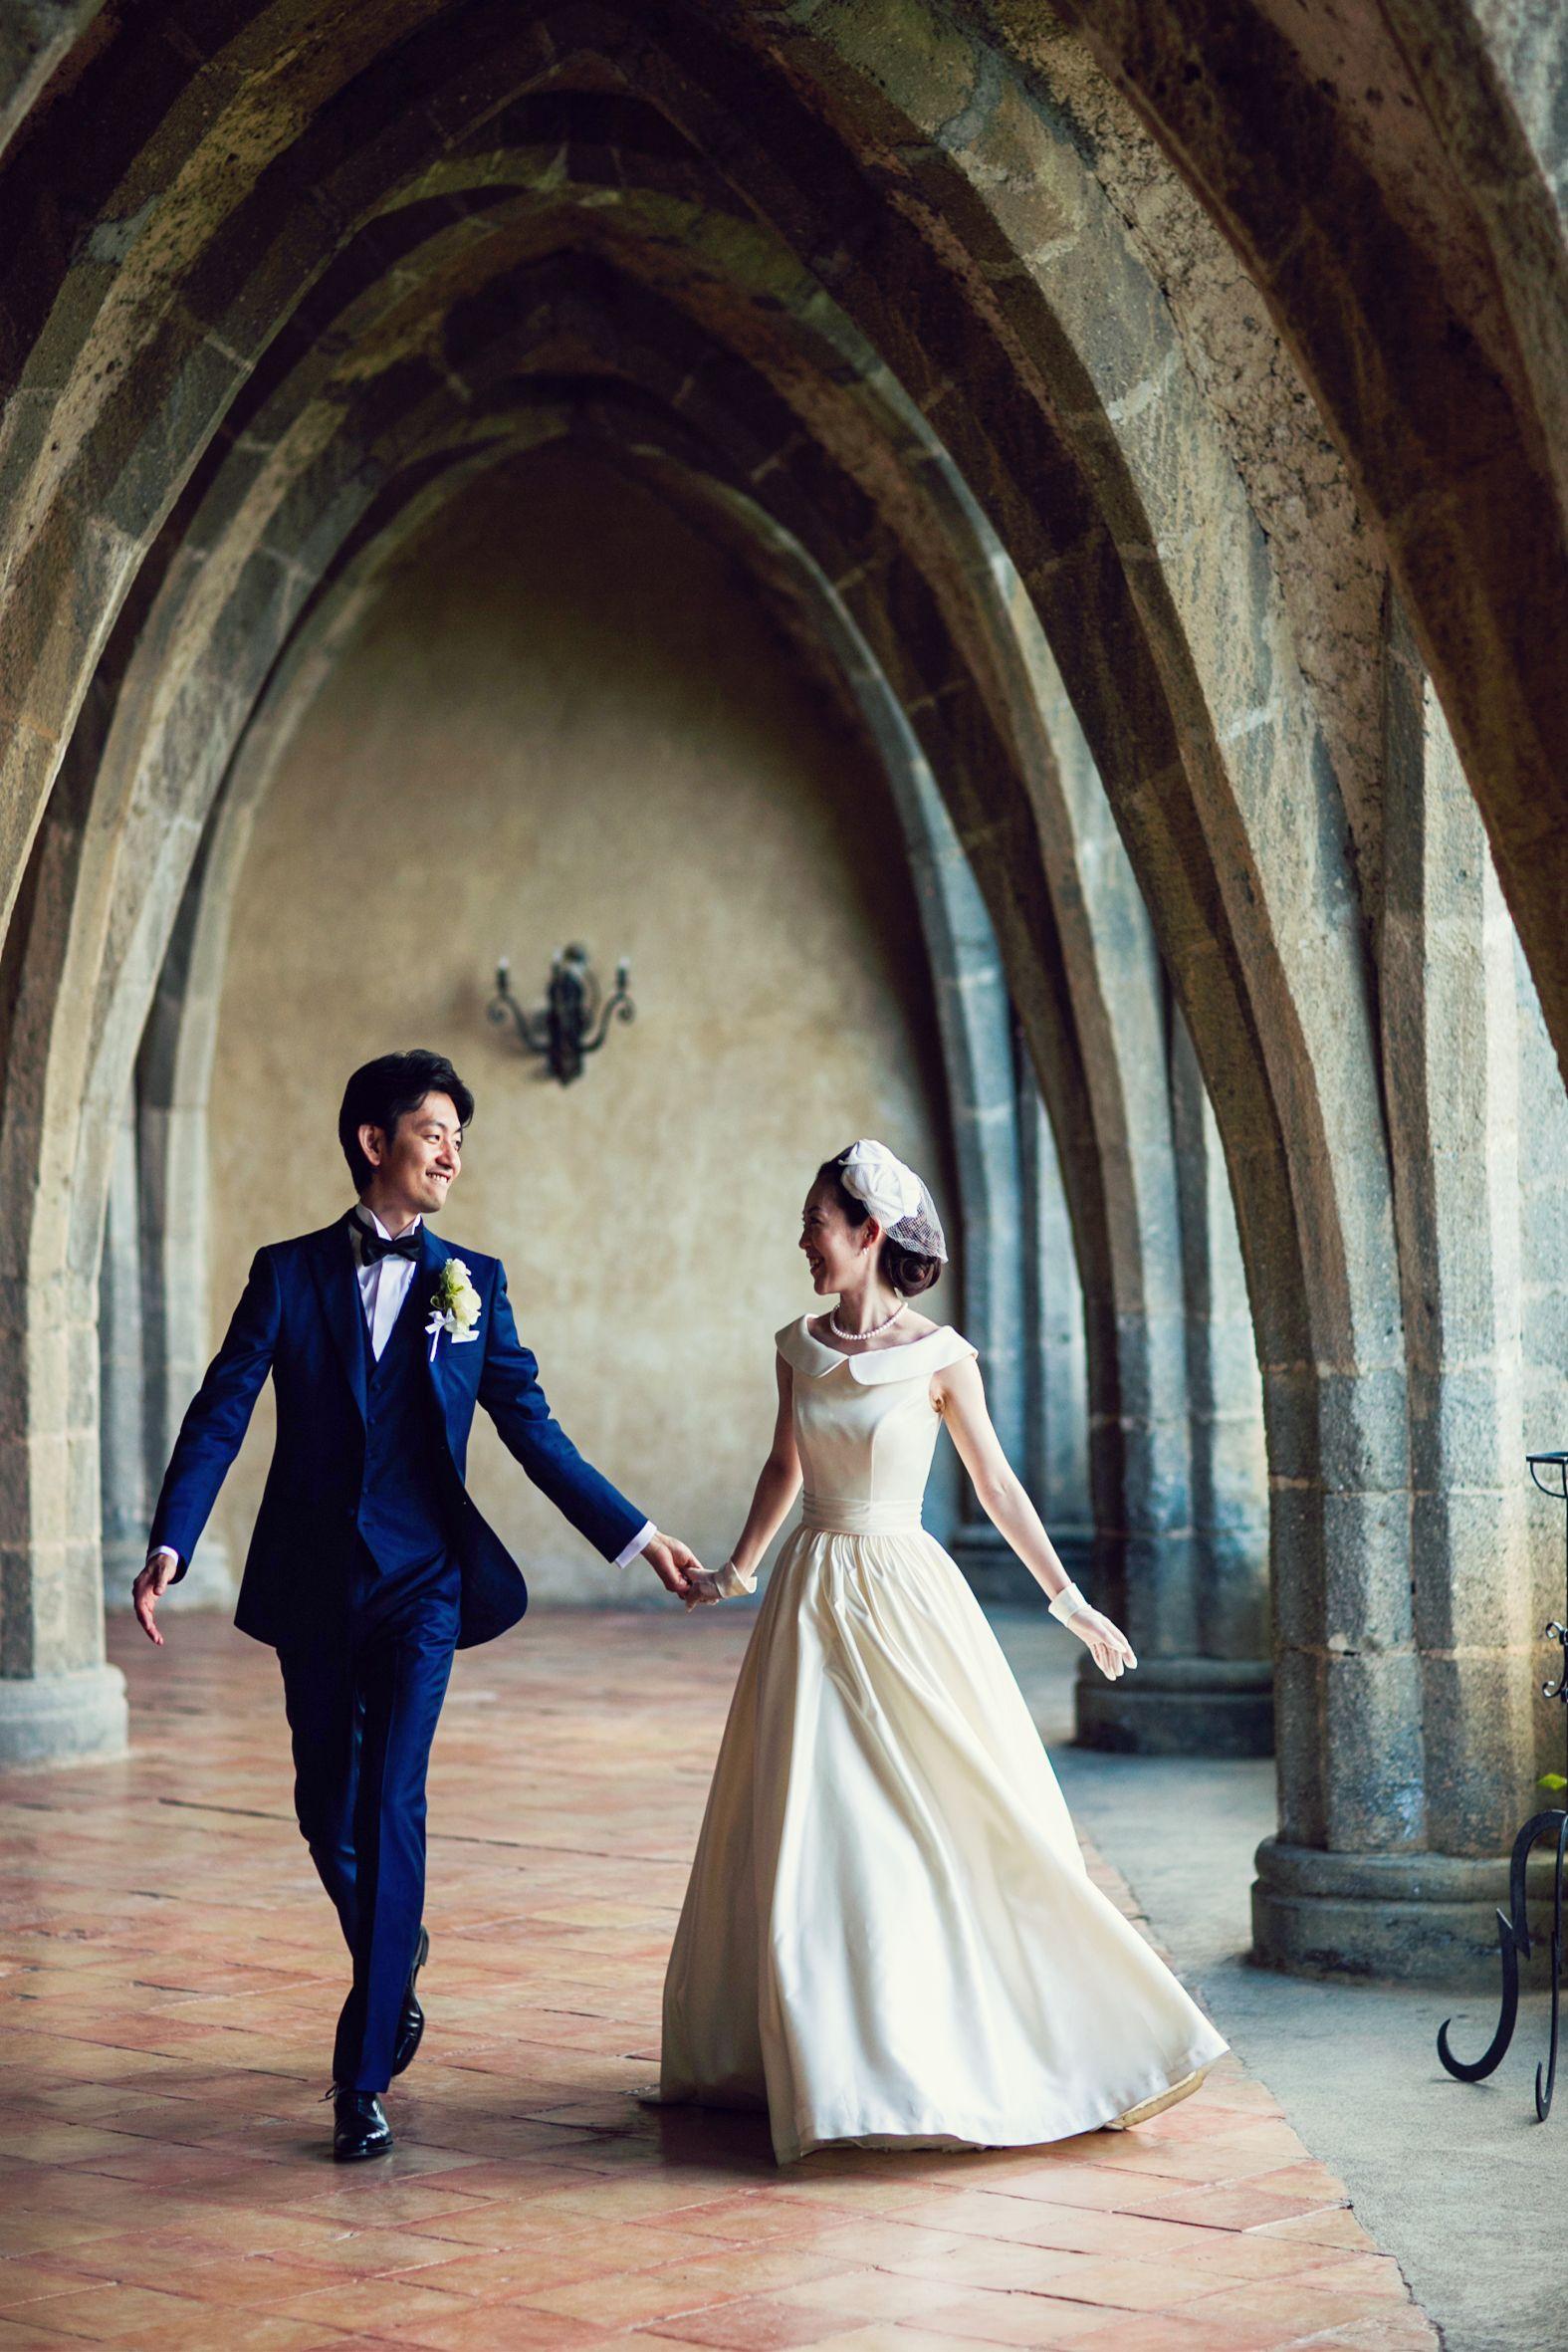 d78a65fd7fe6f イタリア・アマルフィにてご結婚式をされた本当に素敵な花嫁様 gnomeの ...